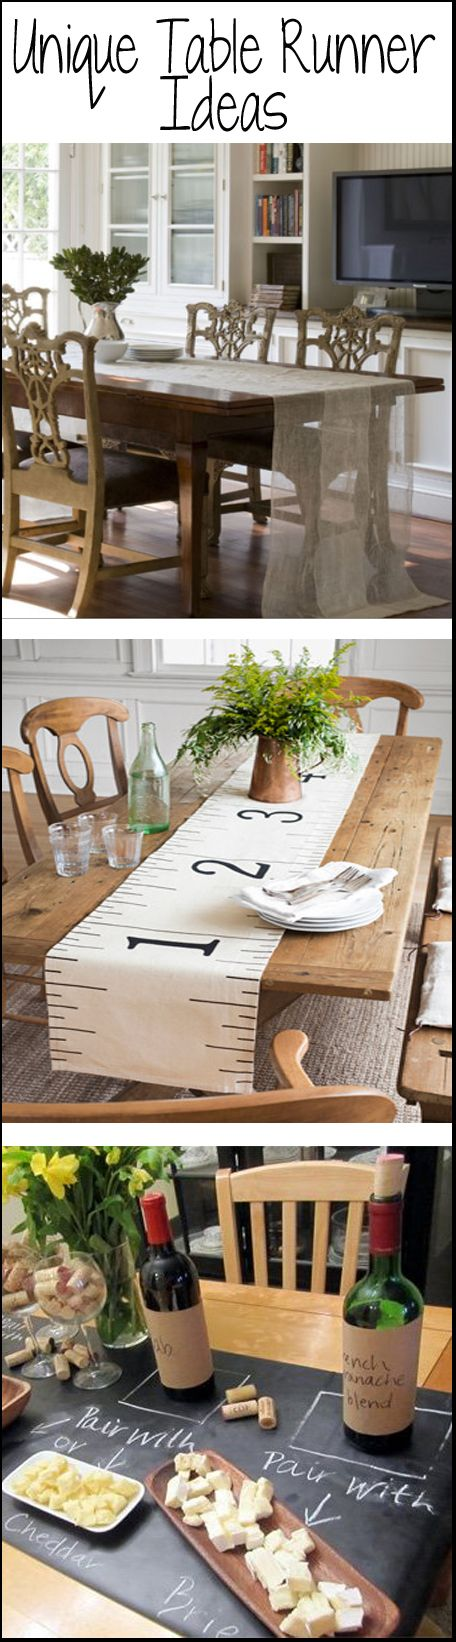 Unique-Table-Runner-Ideas.jpg 456×1,642 pixels